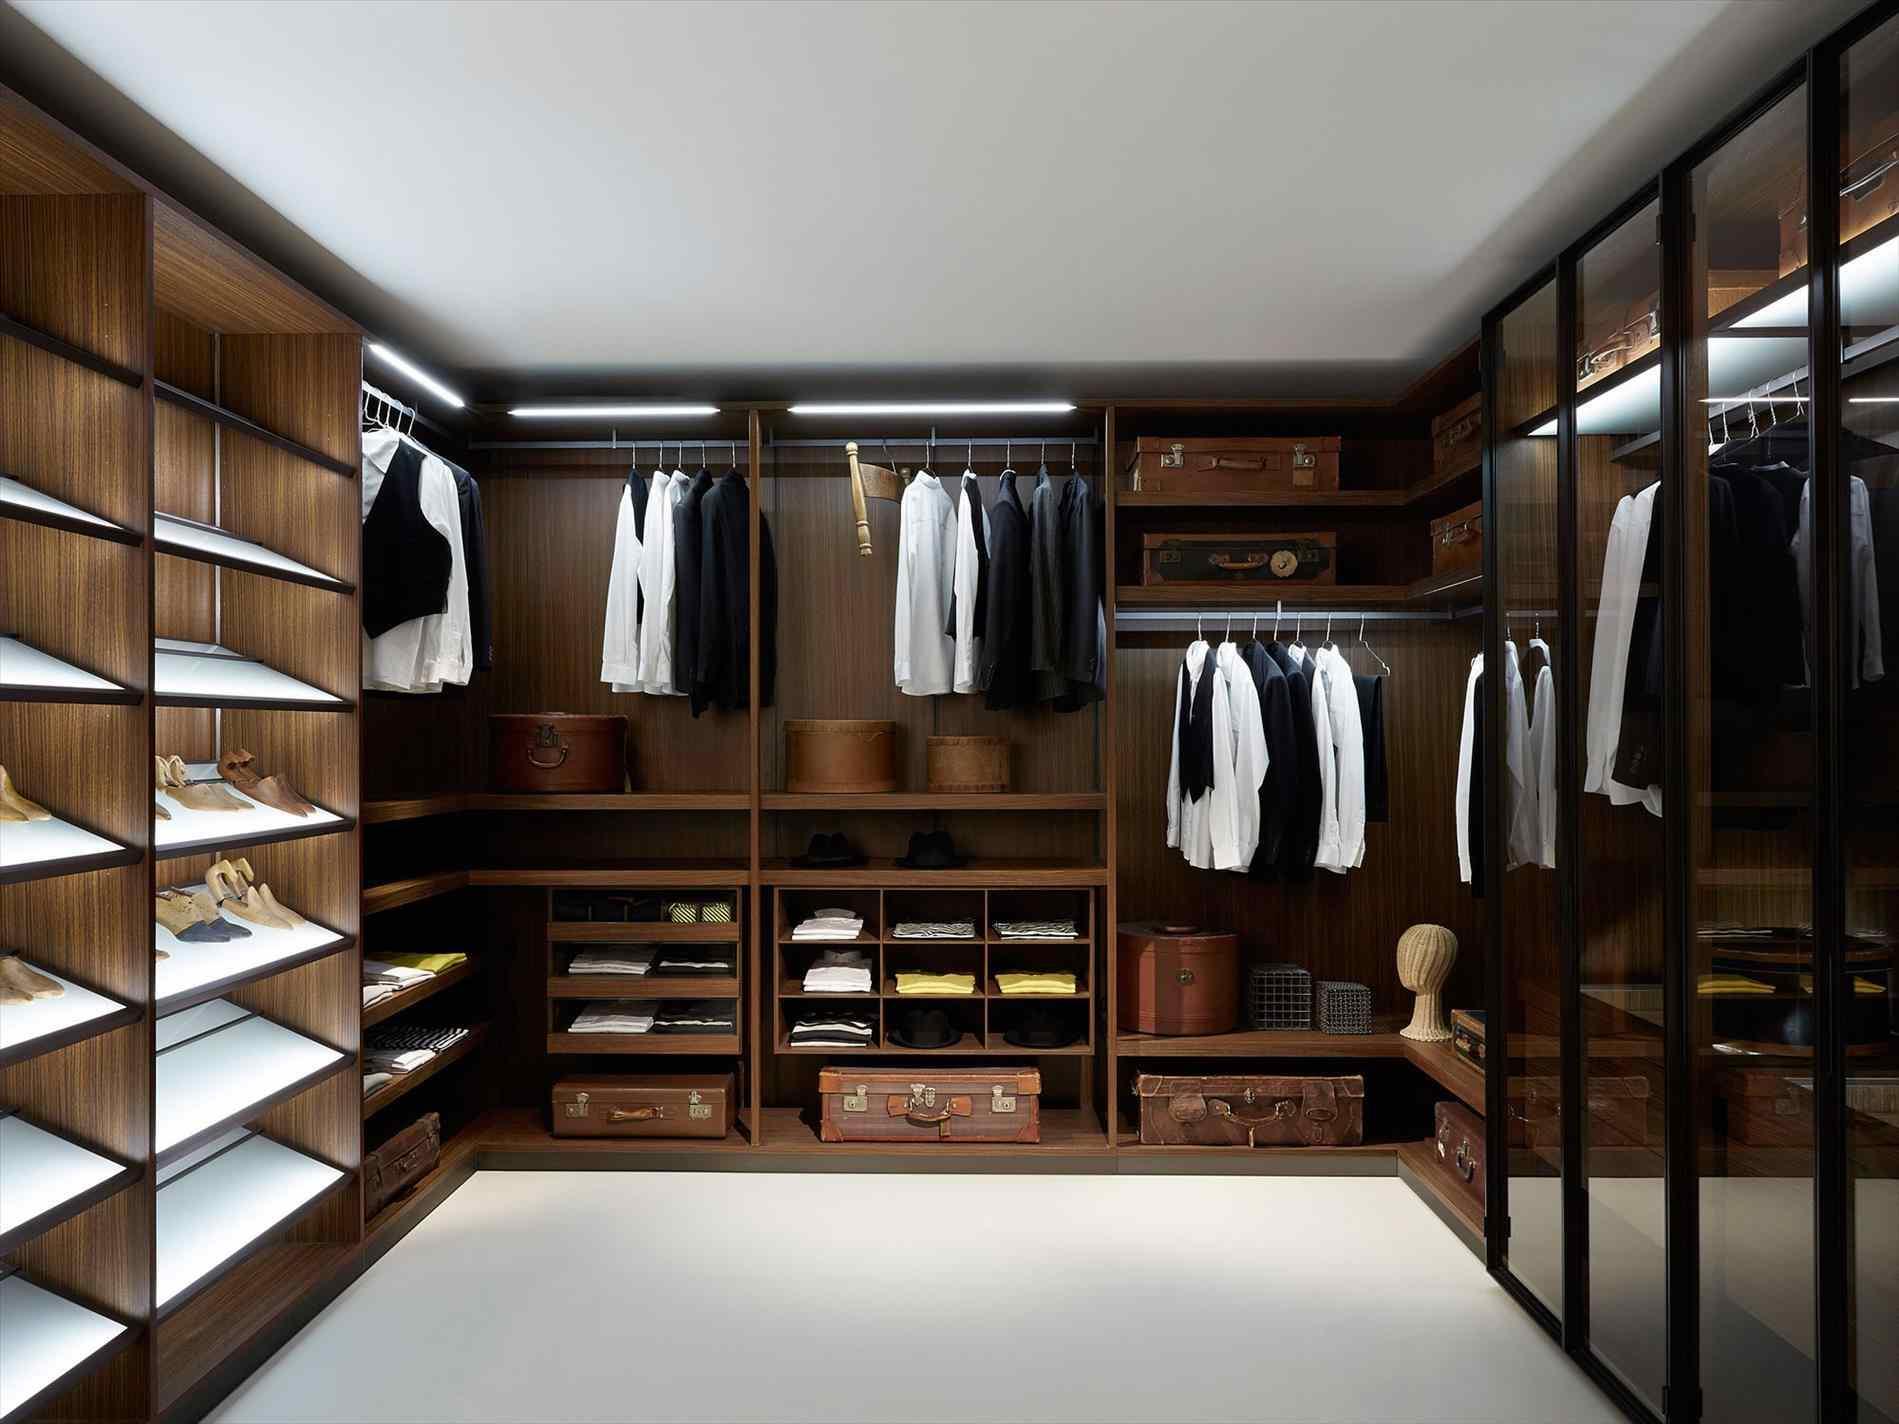 u-s-design-ideas-wardrobes-best-modern-luxury-master-closet-traditional-storage-u-s-design-ideas-wardrobes-the-is-new-man-cave.jpg